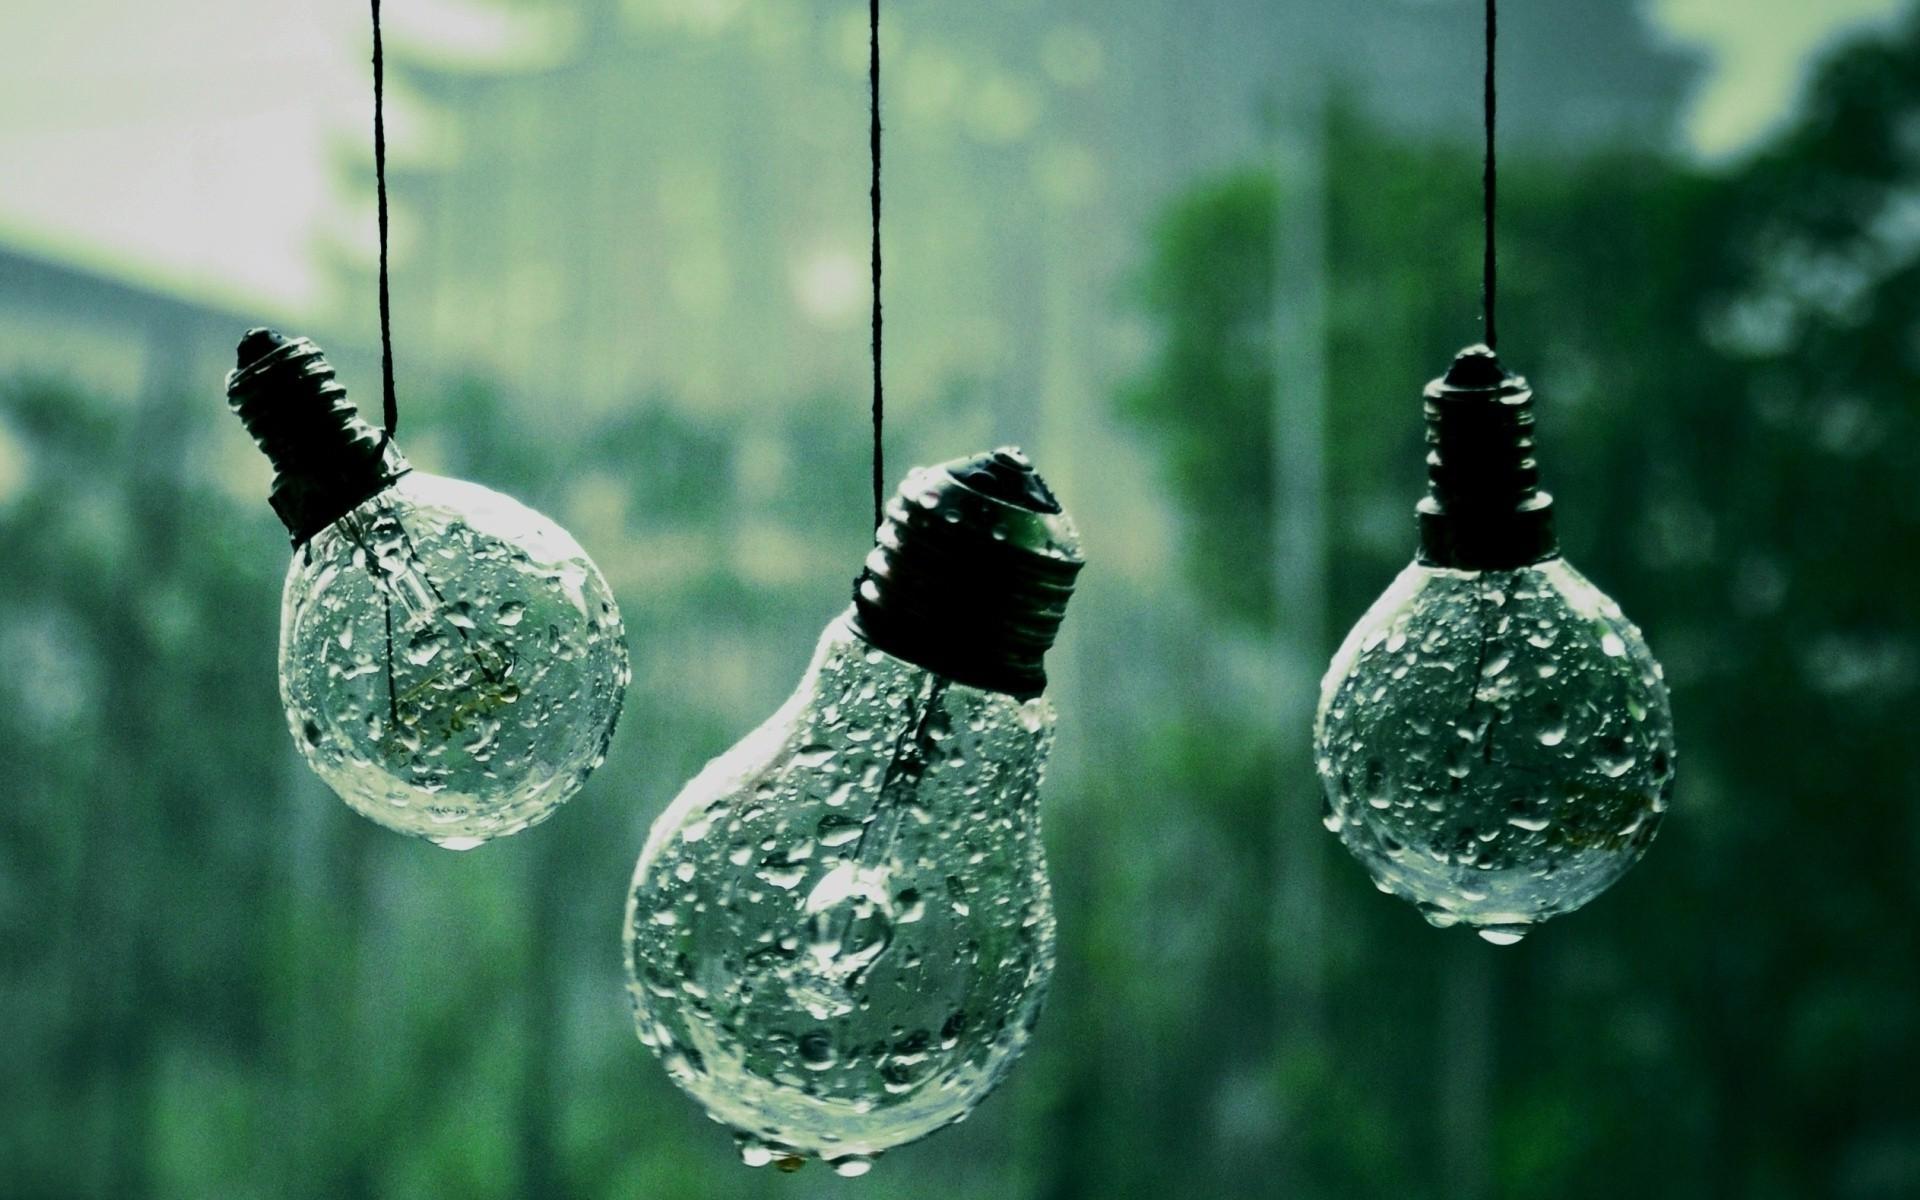 Rain 3 - [Radio 21h]: Cảm ơn những nỗi buồn - Giọng đọc Trúc Đào